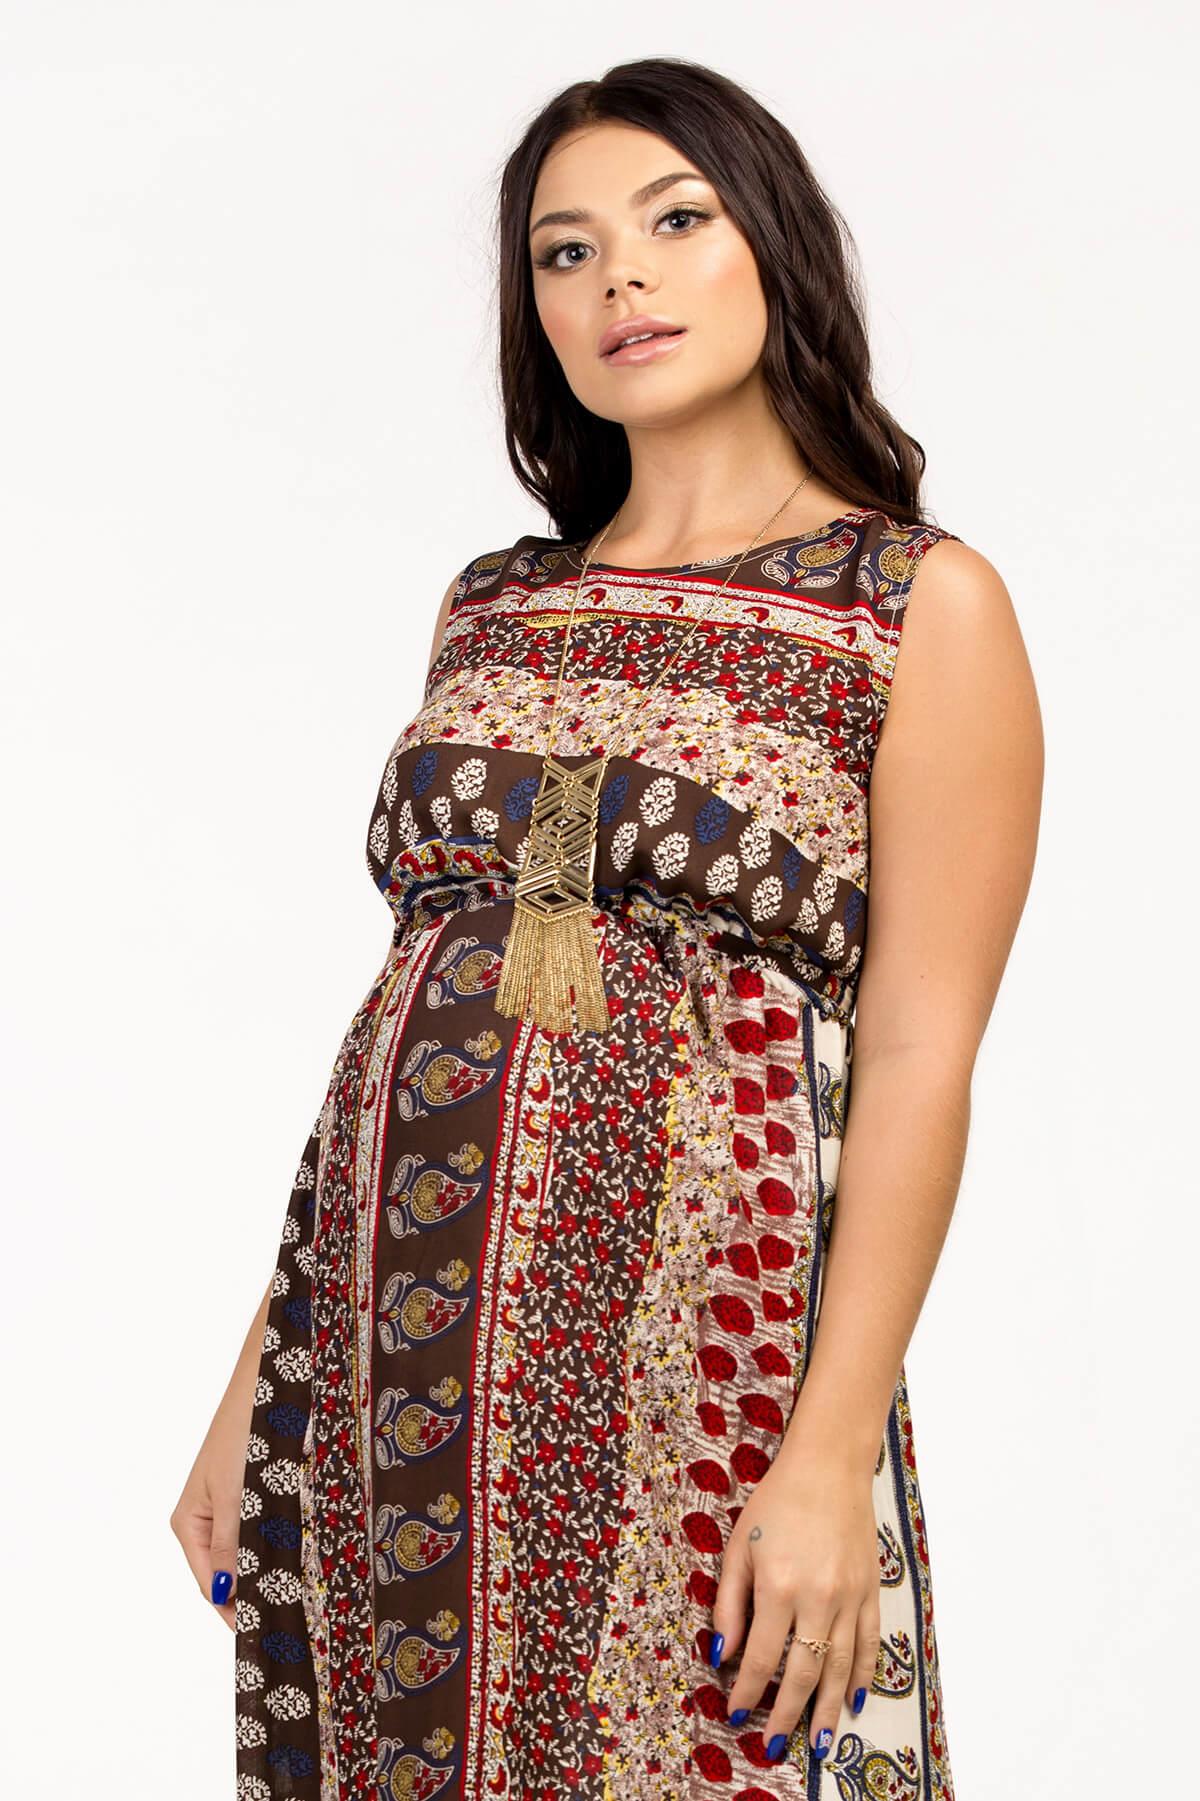 dfa35dc09e47d3b Коллекция «Греческое платье для беременных» пользователя happy-moms.ru в  Яндекс.Коллекциях